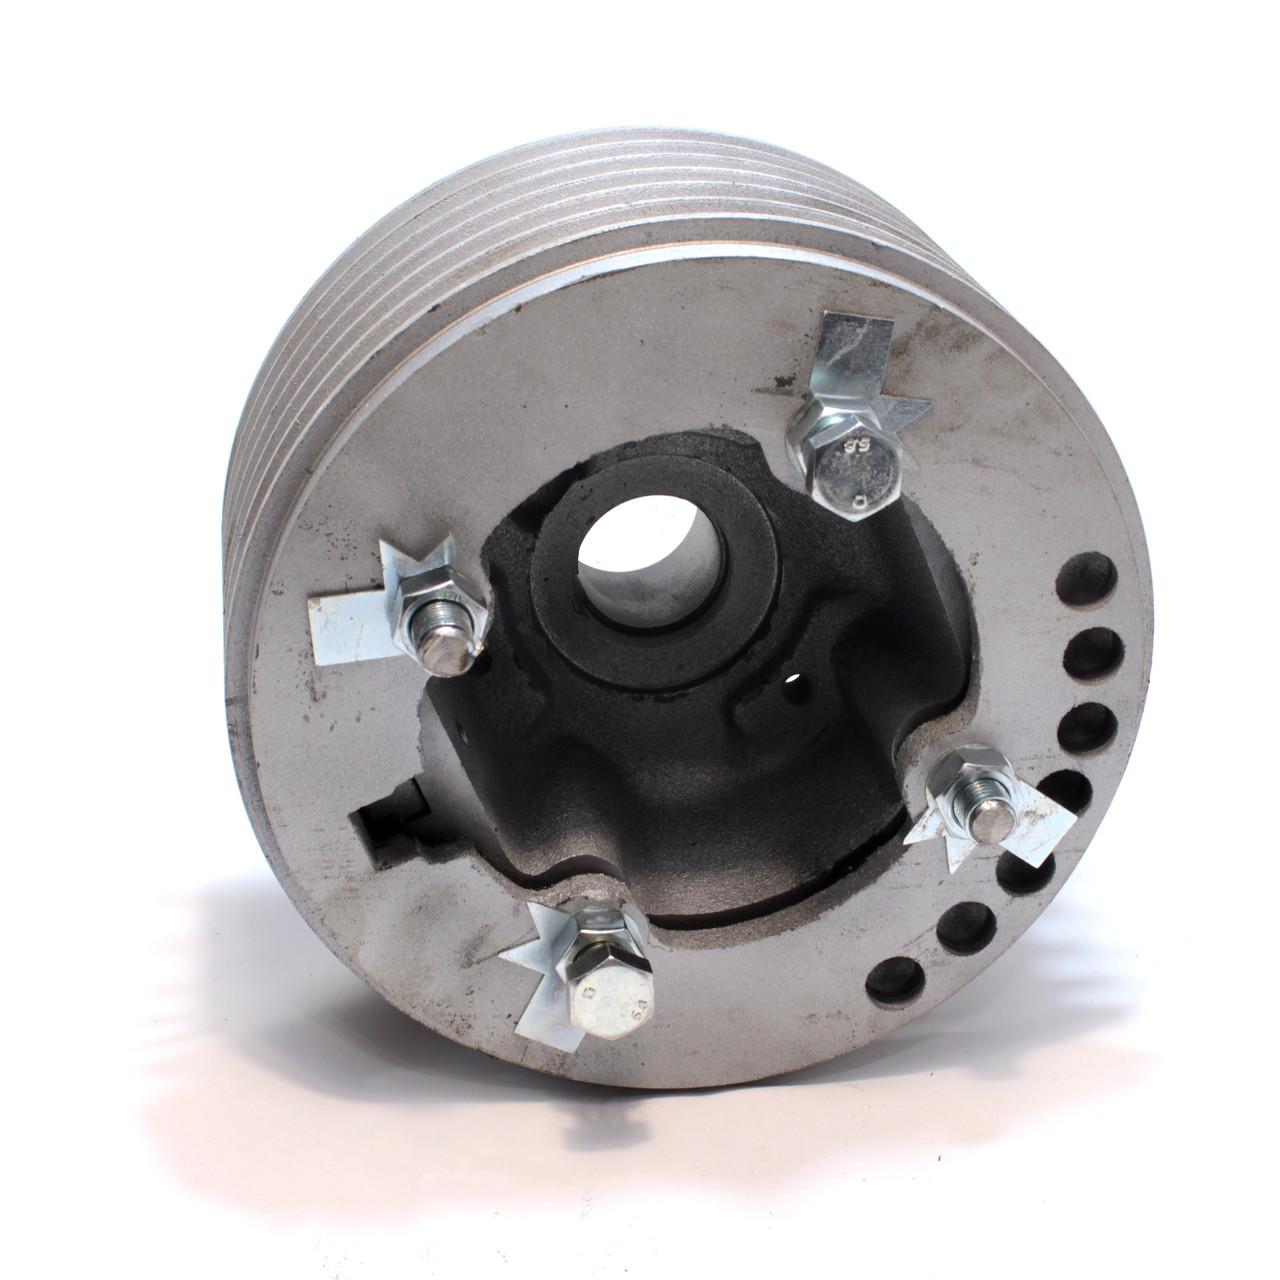 Шкив привода молотилки двигателя ЯМЗ-238АК и СМД-31 регулируемый 10.05.00.790 Дон-1500Б (увеличенный 270мм)